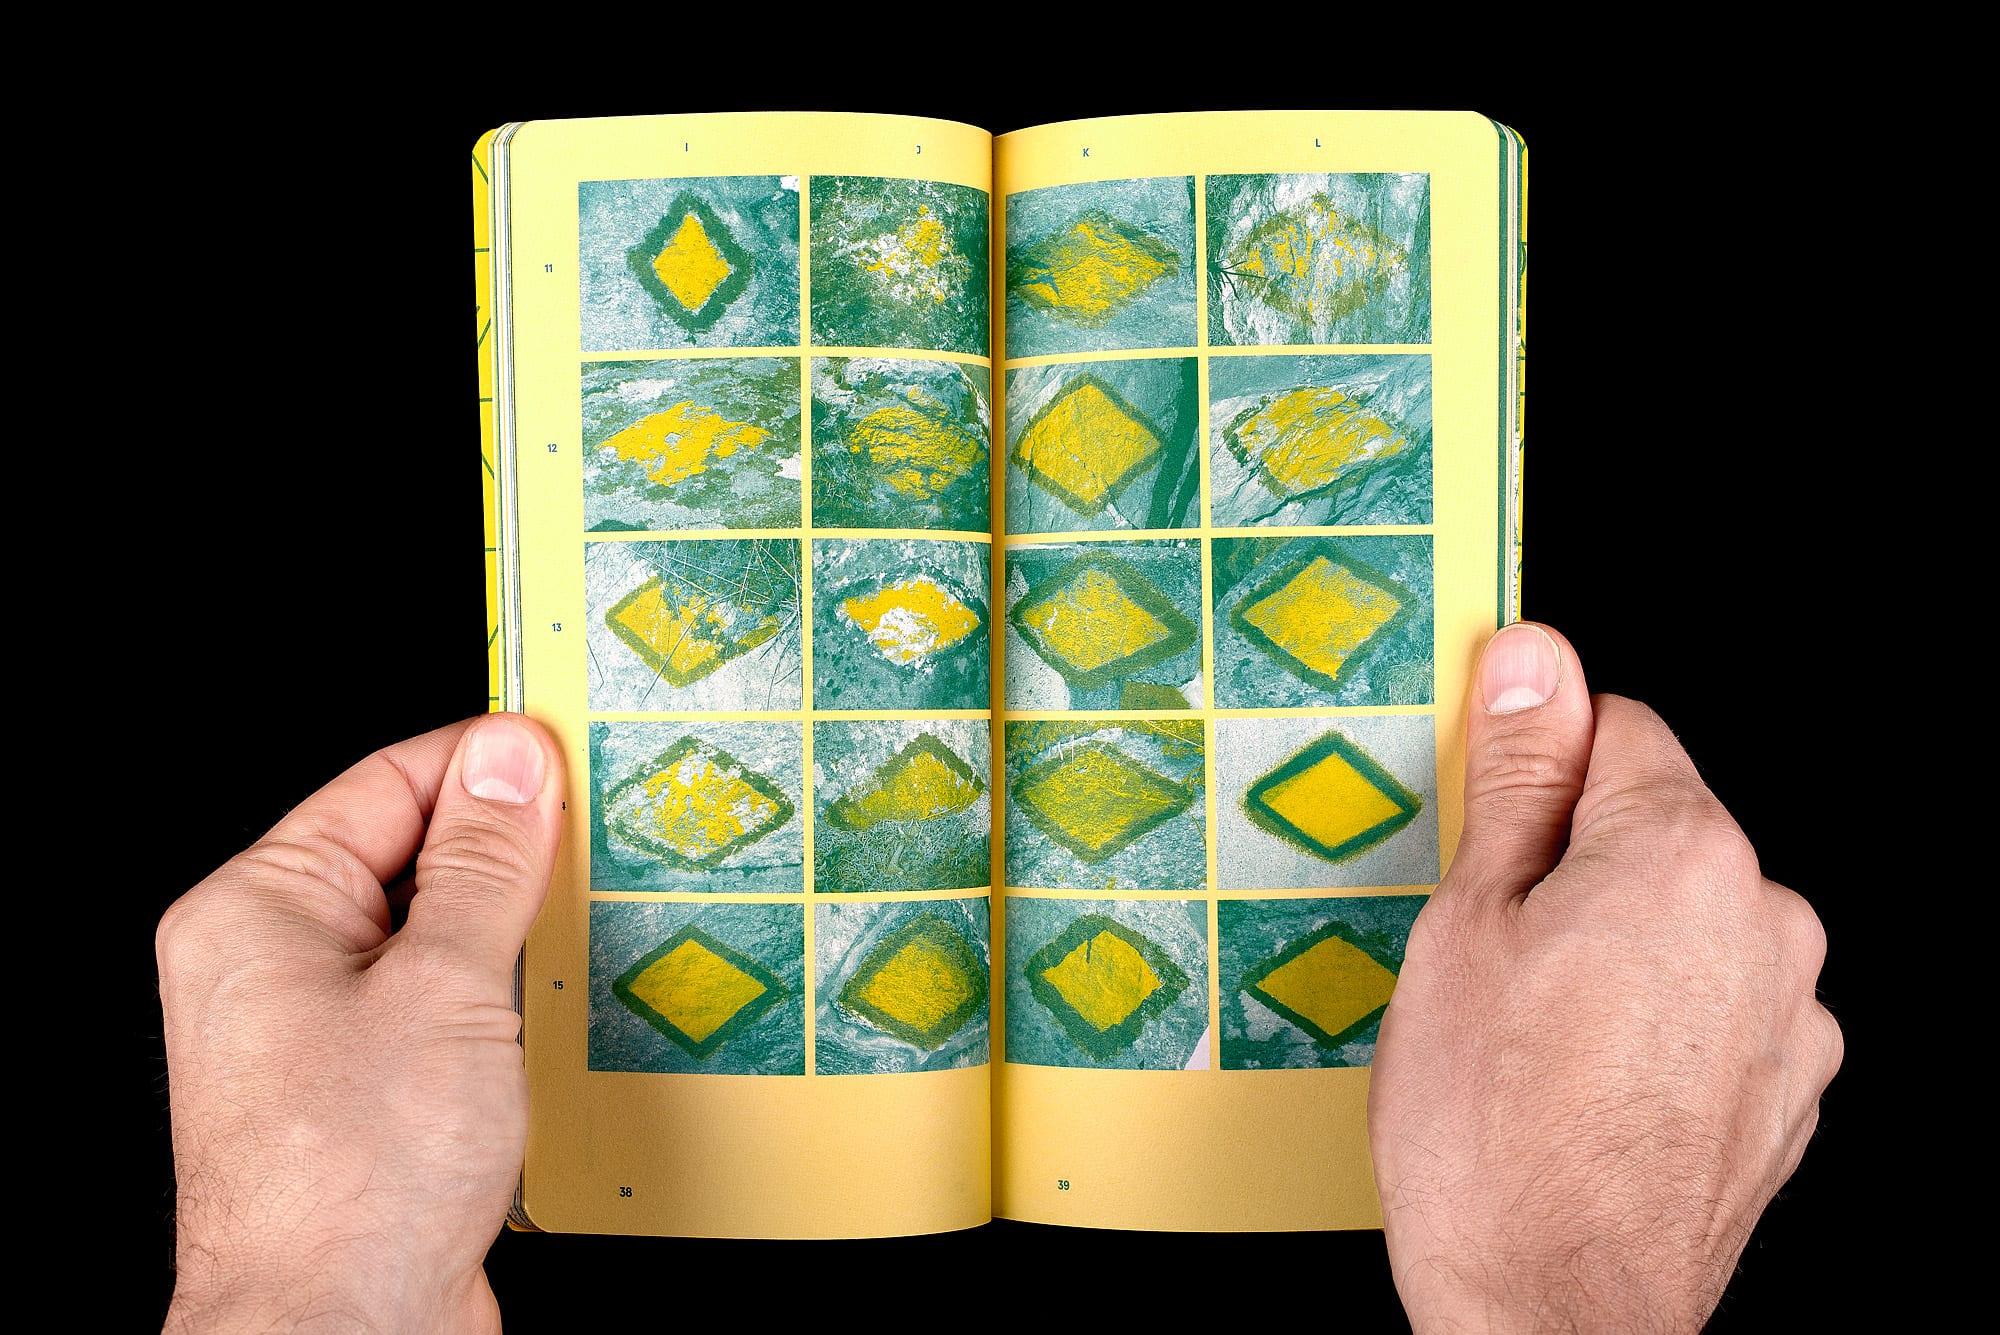 BB02 Losanges sur pierres des Alpes suisses - pages 38-39, spécimens